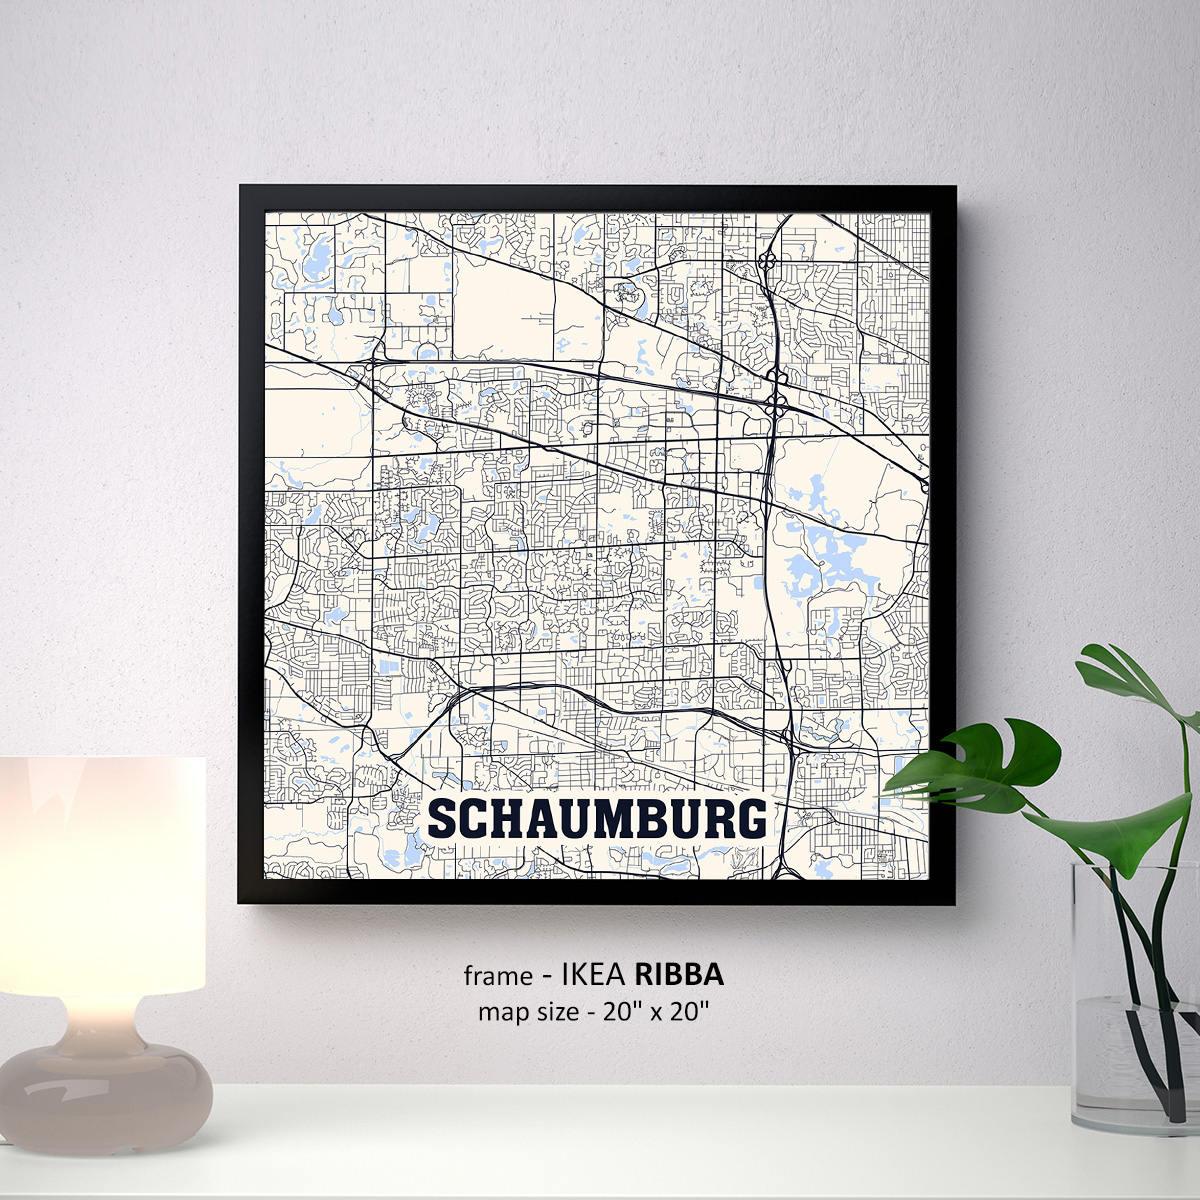 Schaumburg Illinois Karte drucken Schaumburg Platz Karte